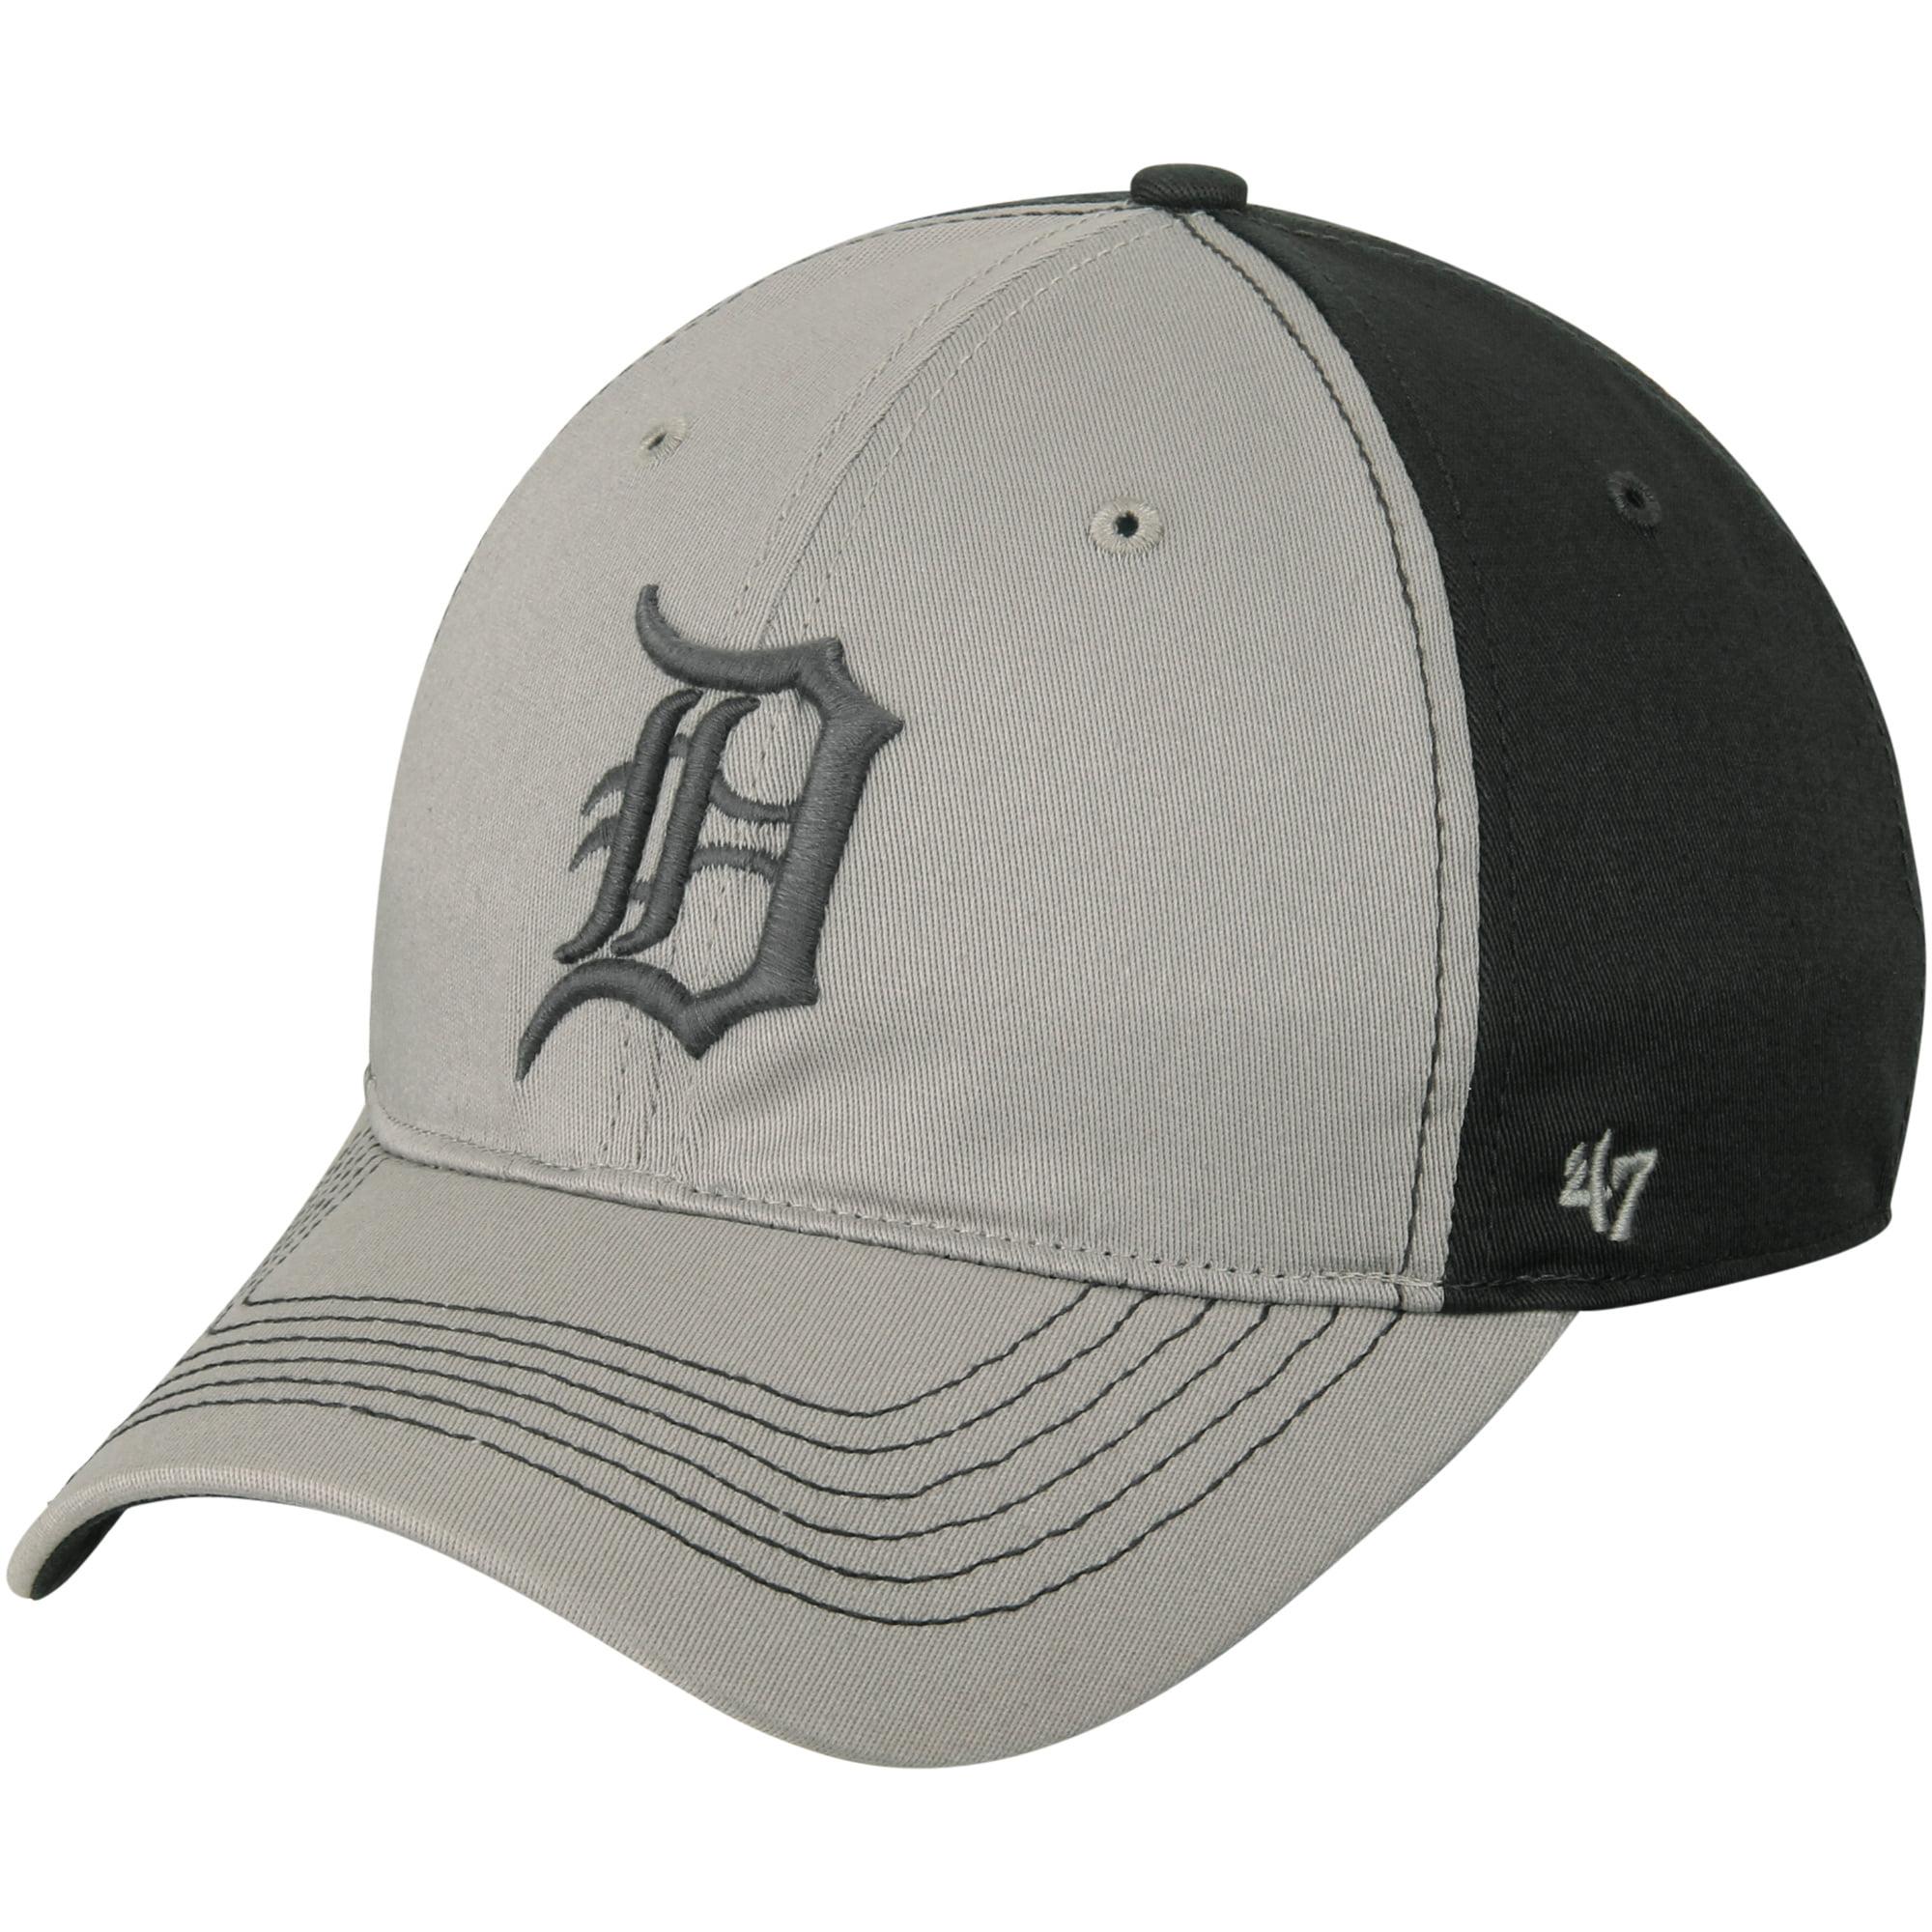 wholesale usc colors la dodgers dad hat by new era 6b462 1dd72  switzerland  detroit tigers 47 umbra closer flex hat gray dark gray m l walmart 4bcba  f669b 66b5d22f7416